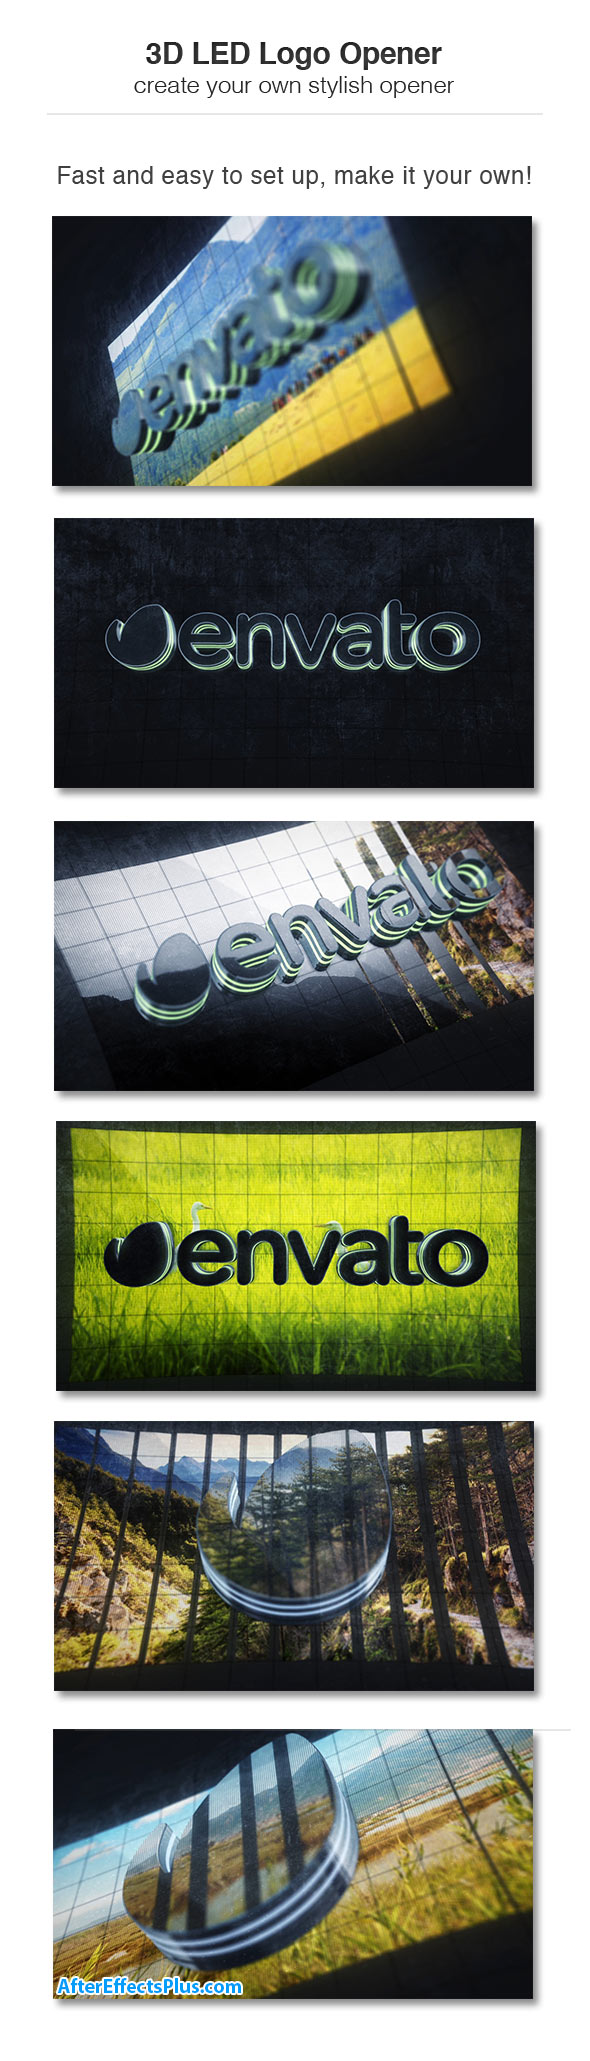 پروژه افتر افکت اینترو نمایش لوگو LED سه بعدی - Videohive 3D LED Opener Logo Slideshow